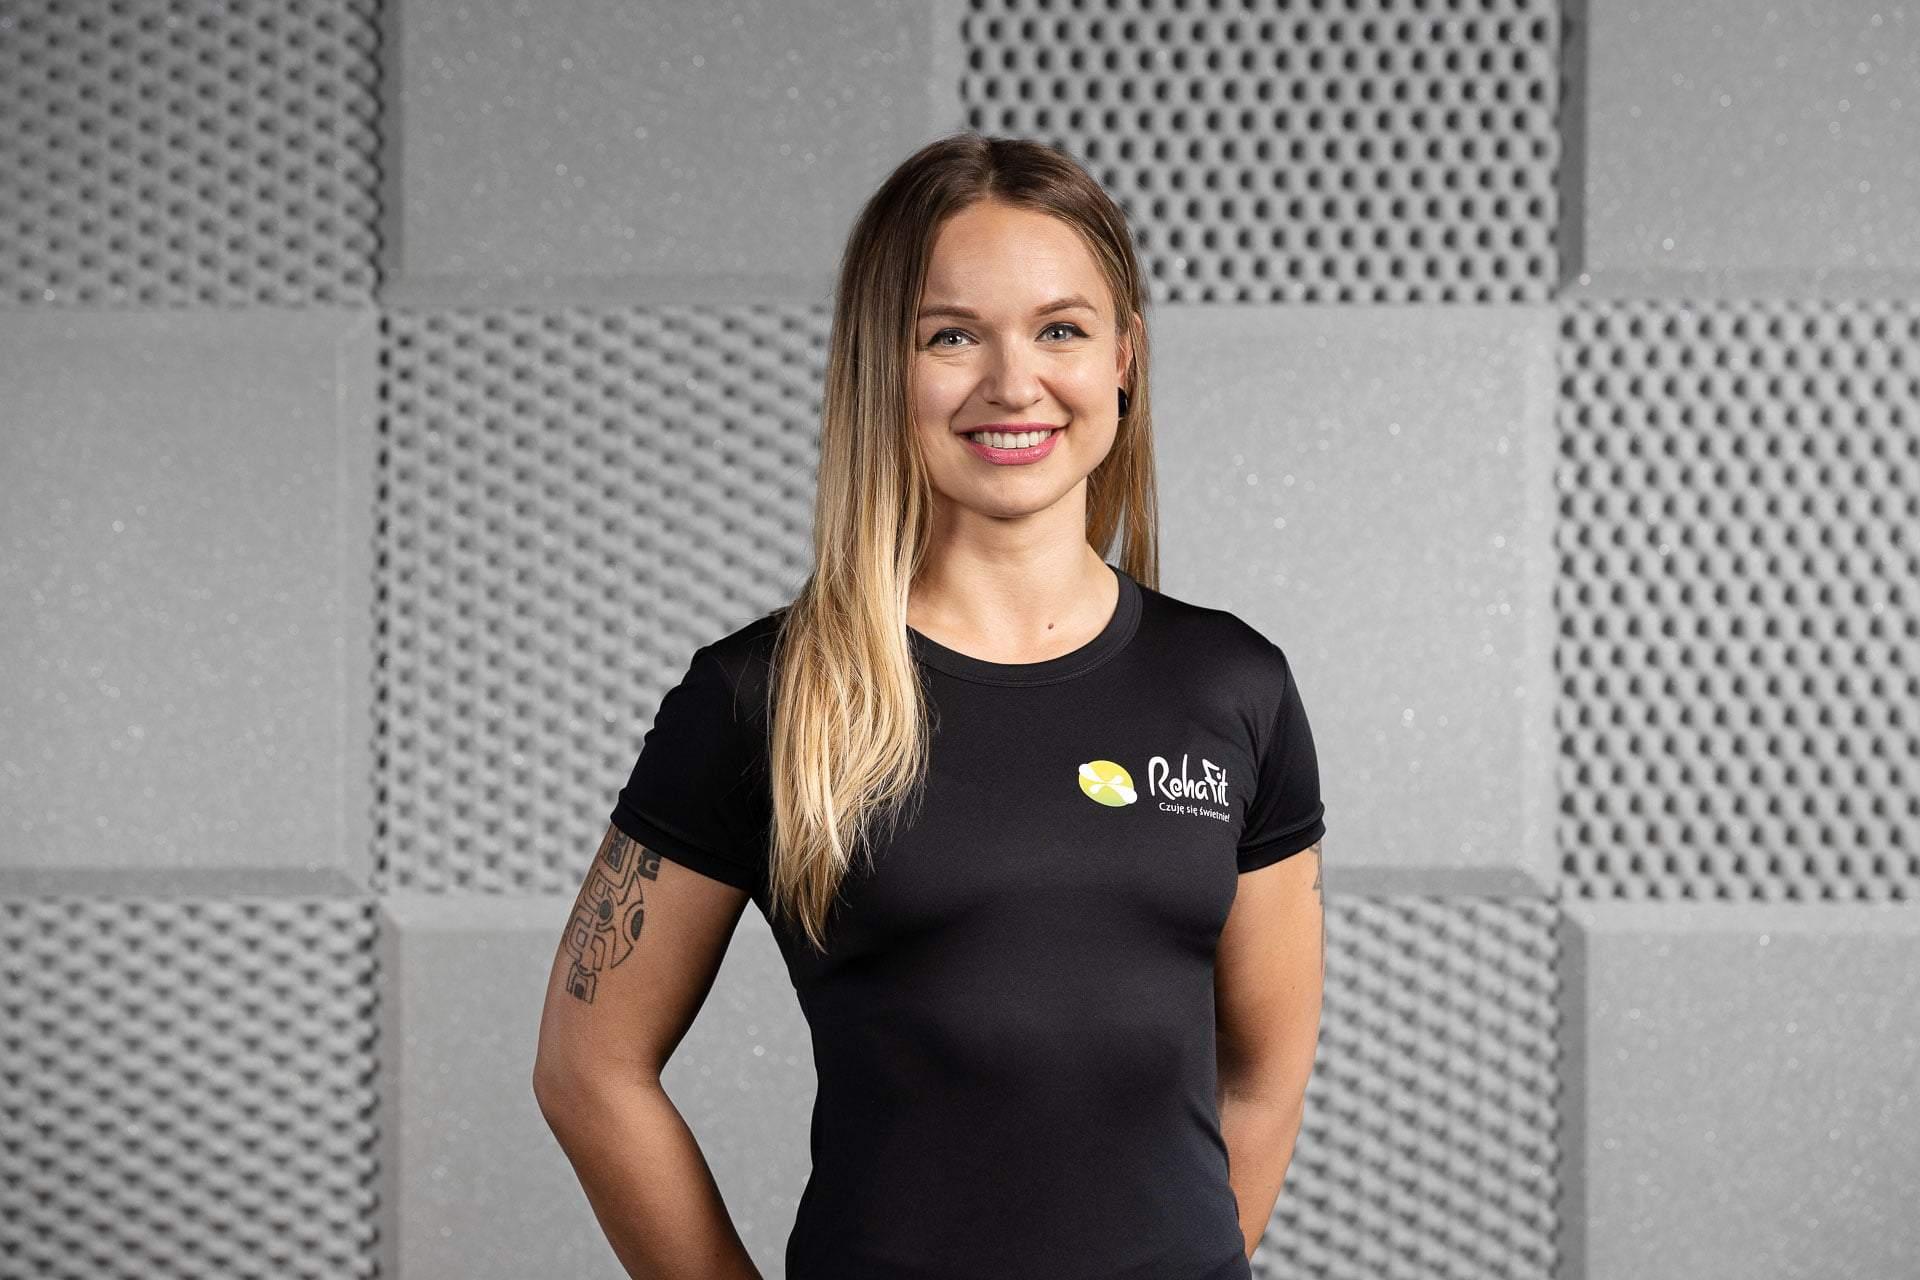 Trenerka personalna Beata Gruszczyńska z RehaFit we Wrocławiu.